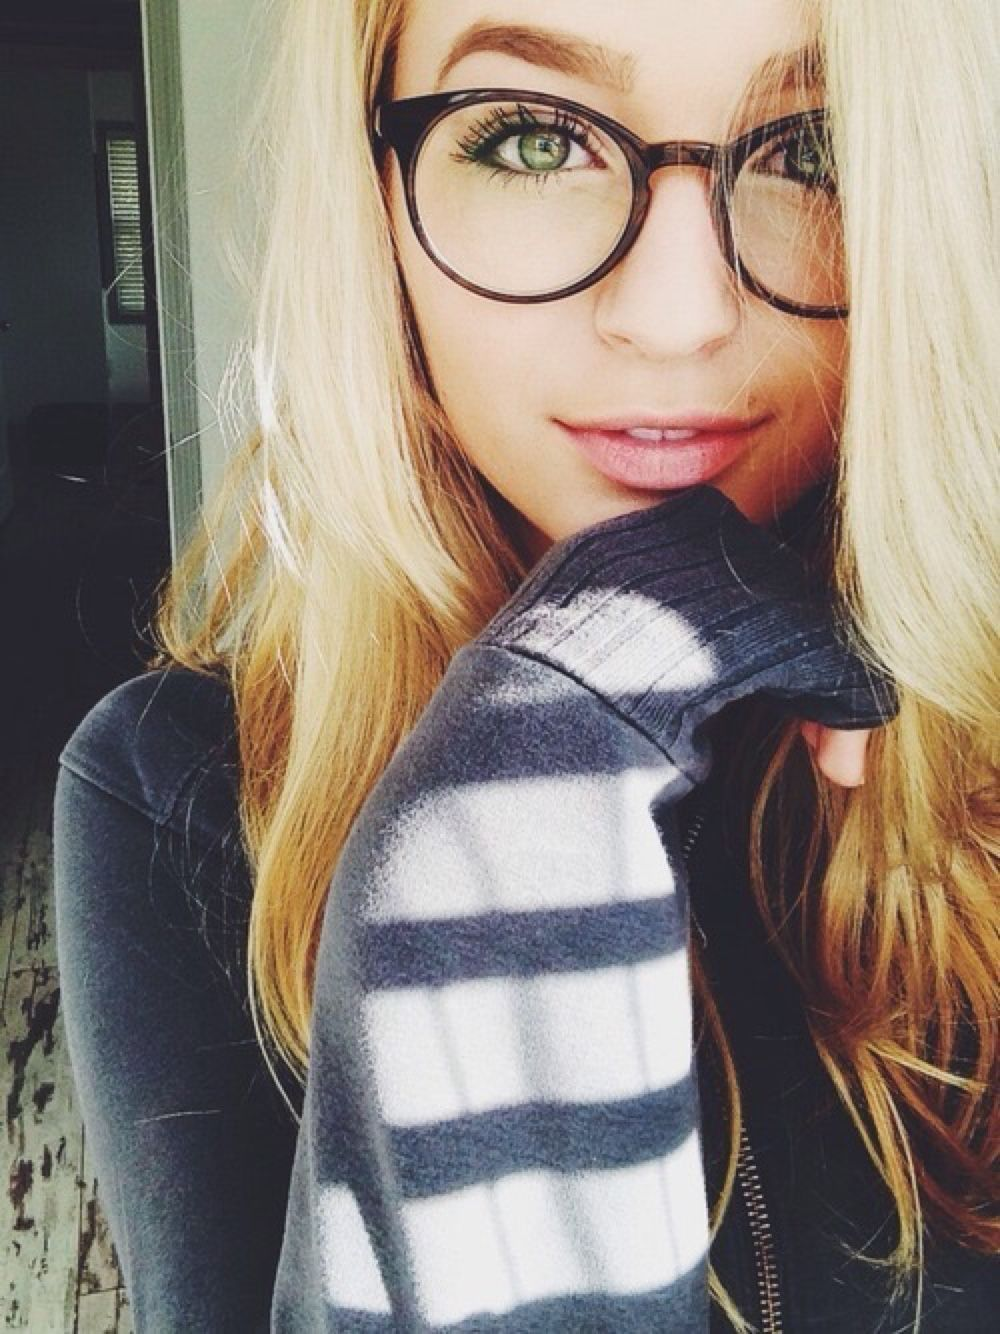 Herausragende Brillenlabels | Pinterest | Brille, Durchblick und ...